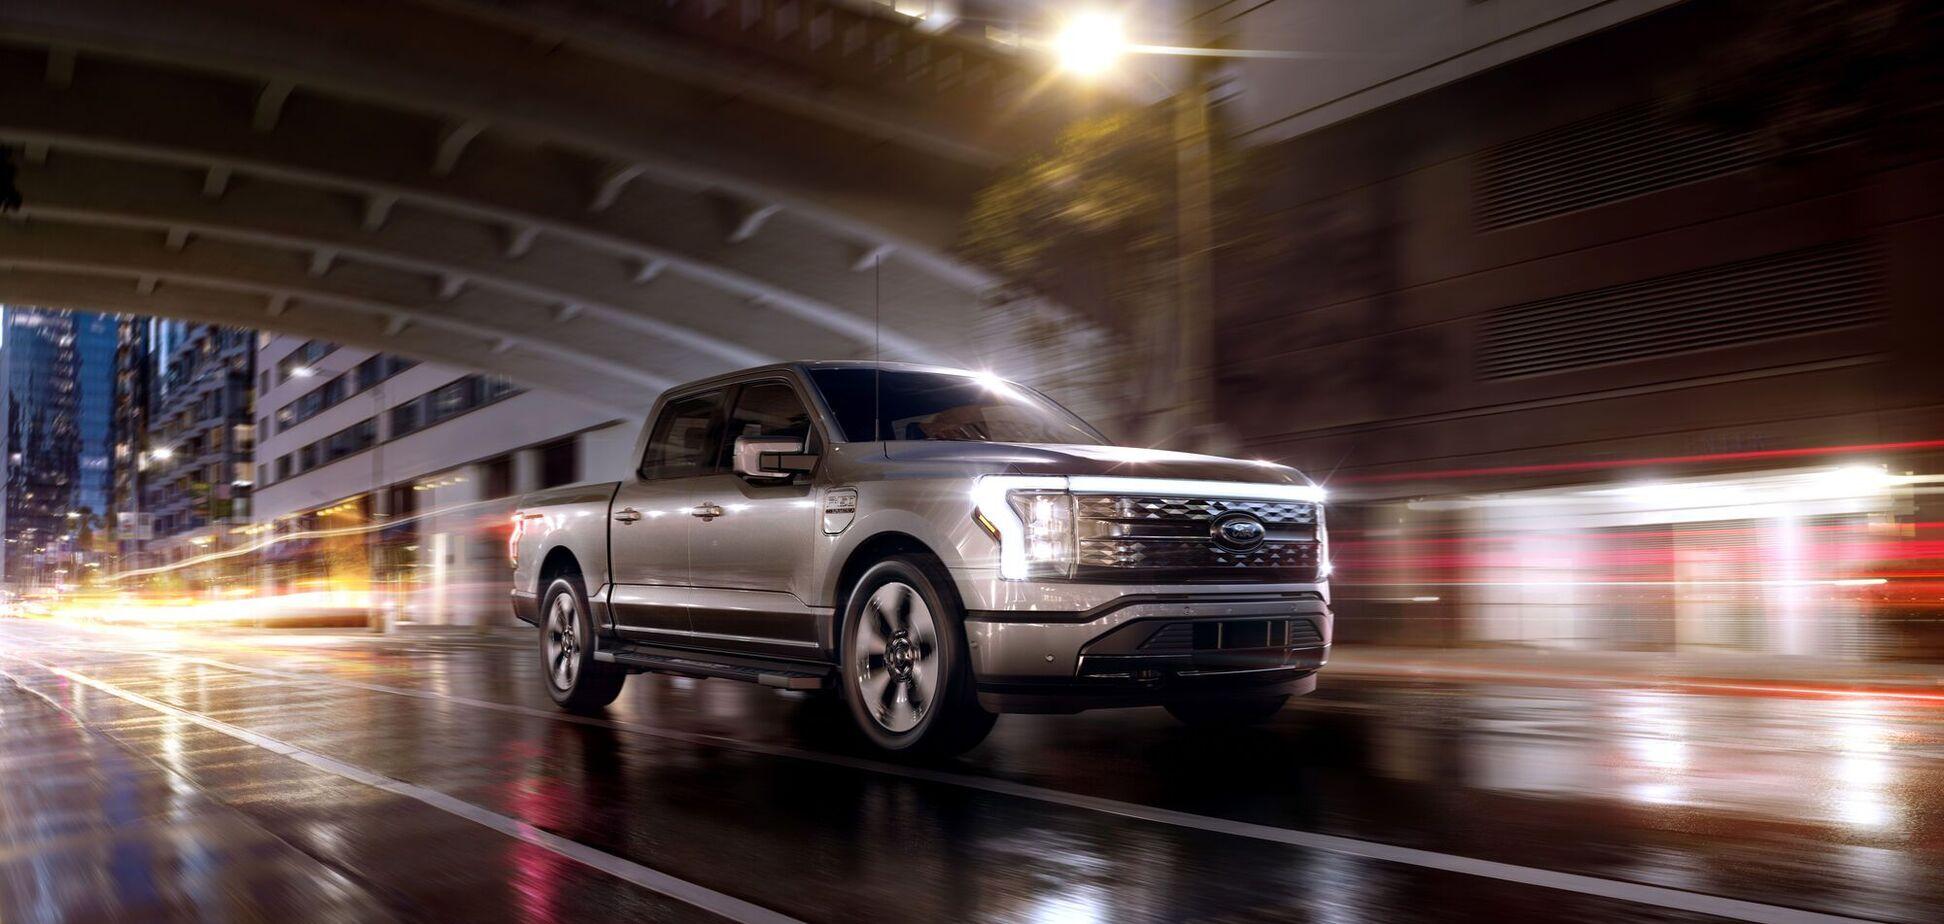 Ford збільшить інвестиції у створення та випуск електромобілів